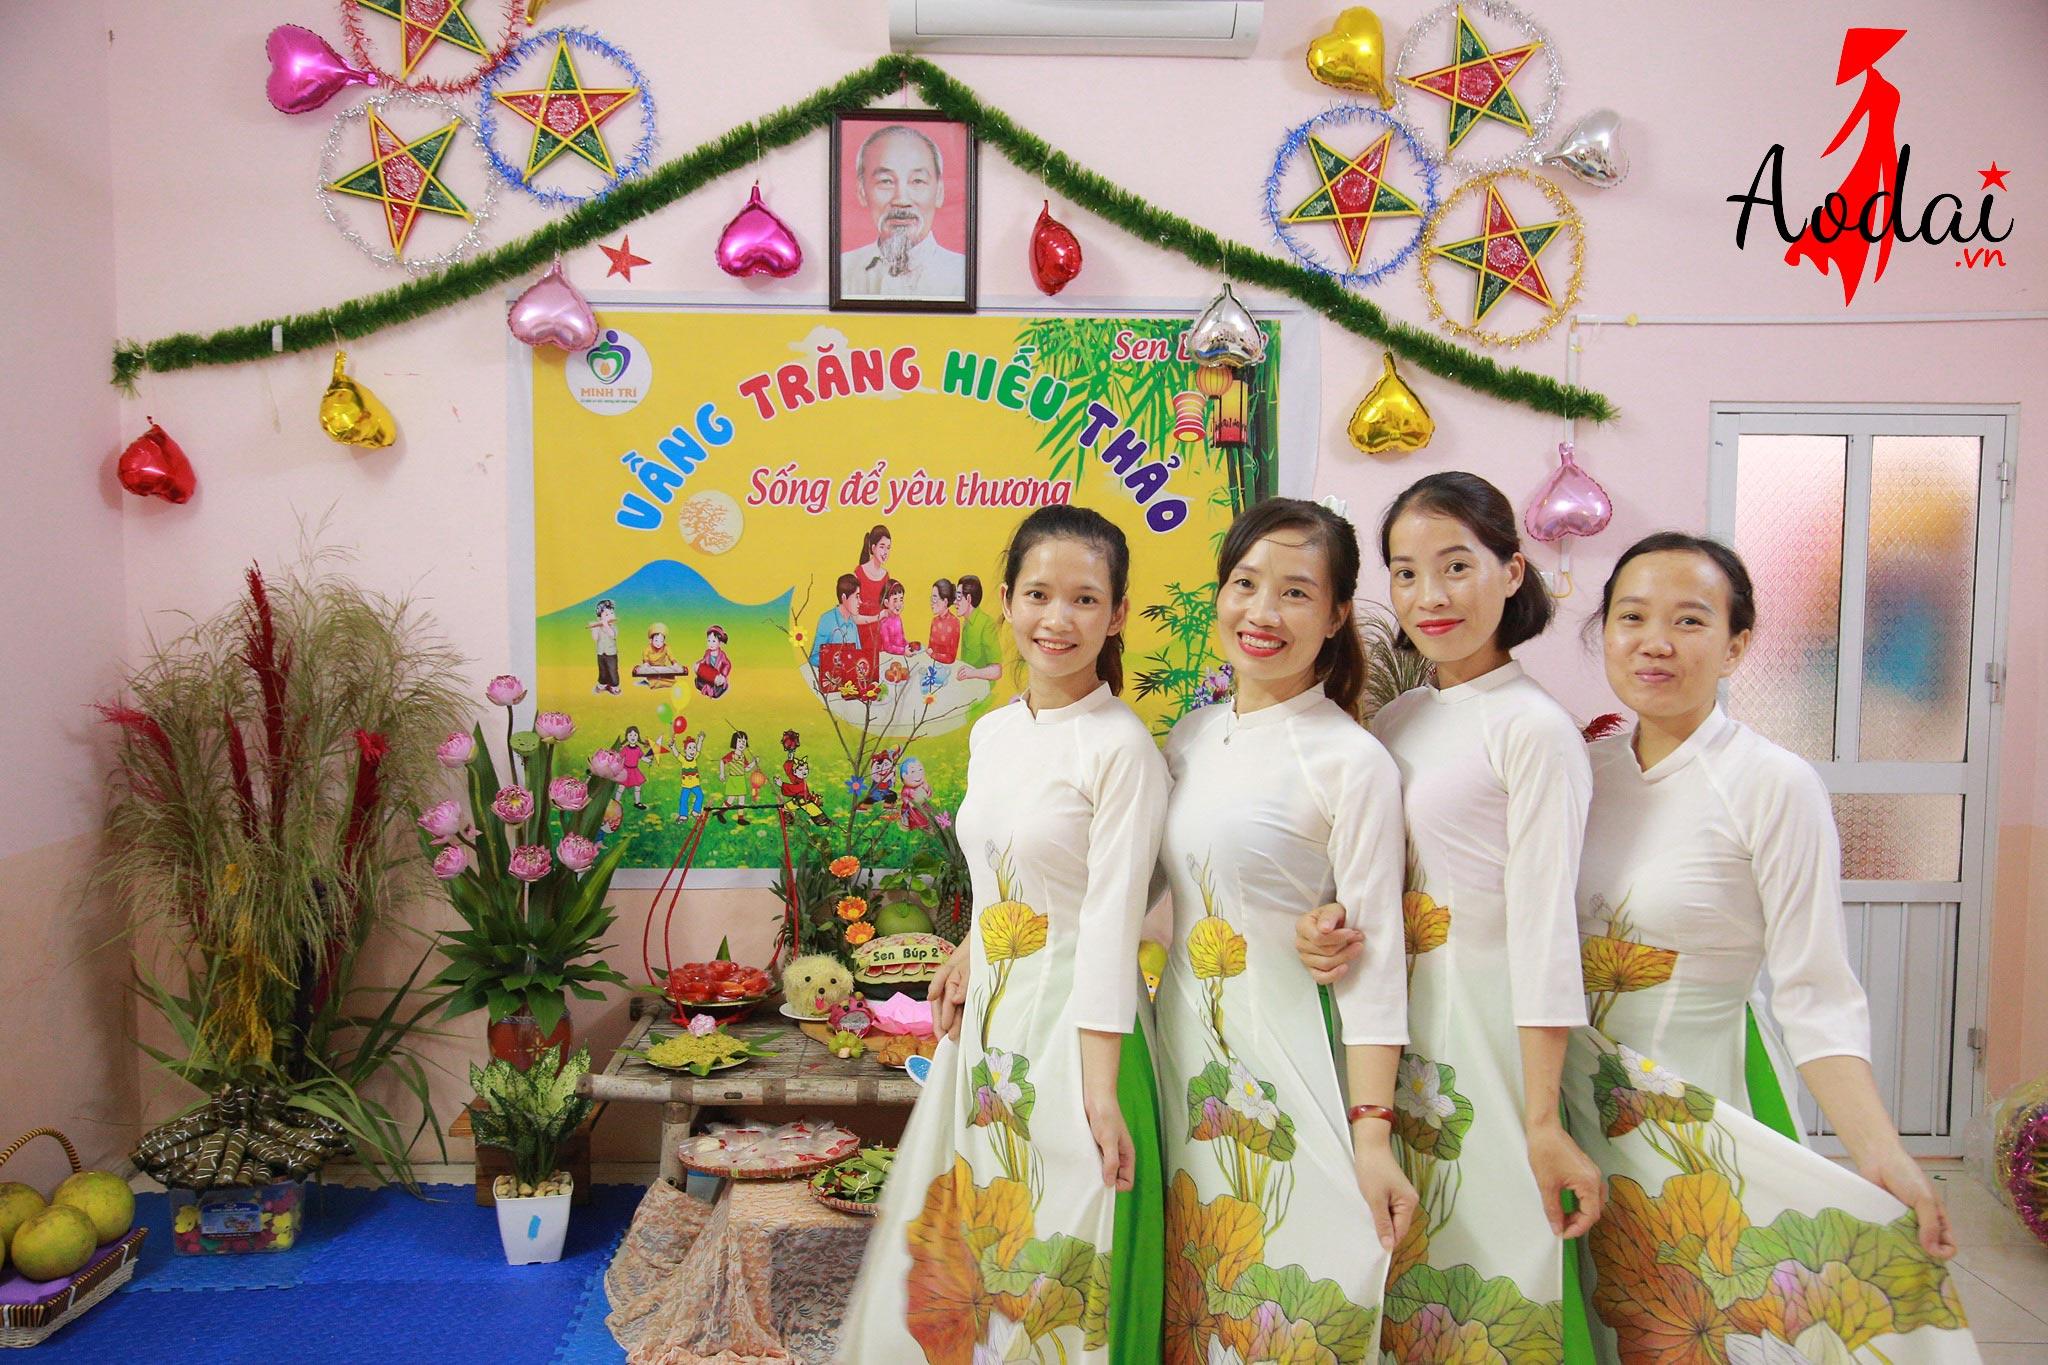 Áo dài giáo viên trường Mầm non Minh Trí Hà Nội